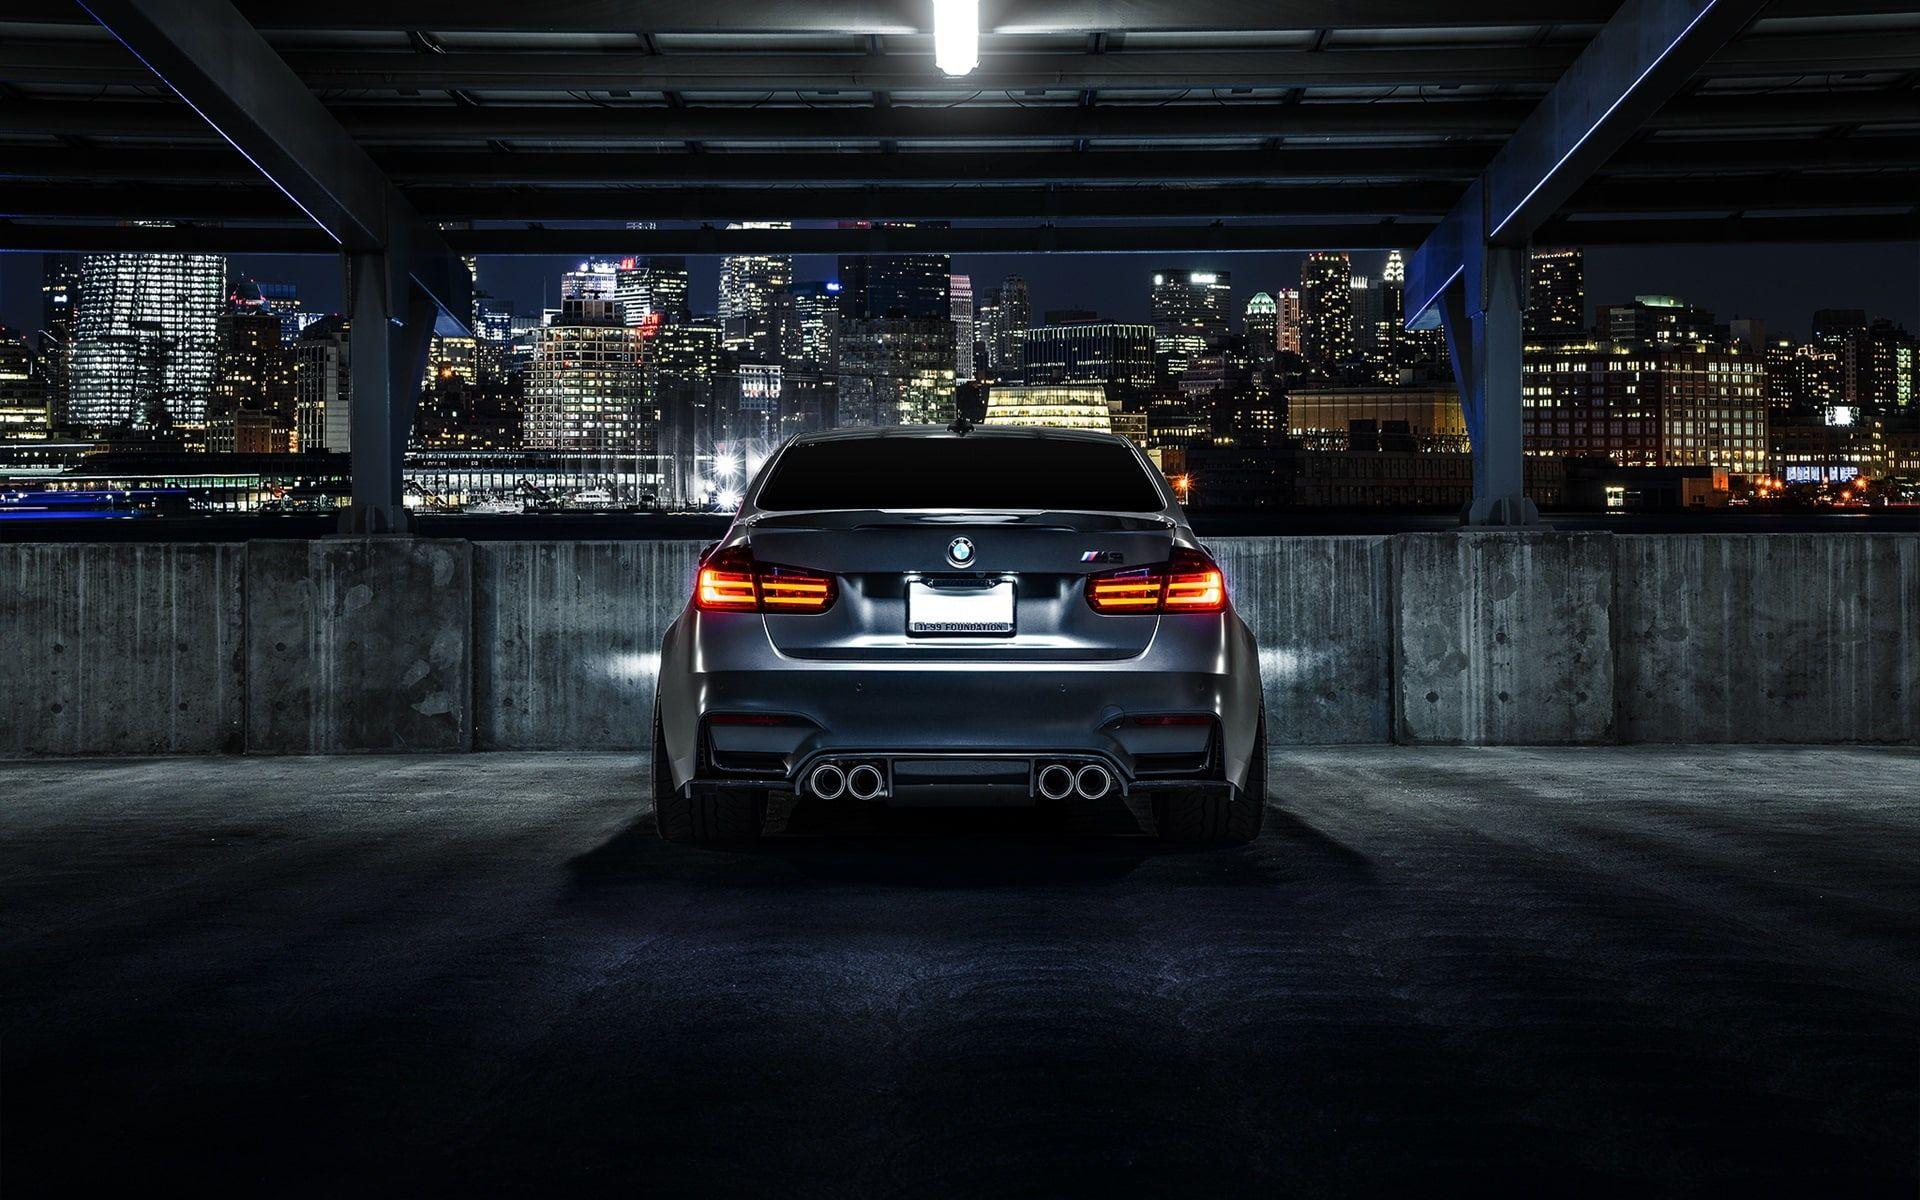 Bmw M3 F80 Matte Black Car Rear View Night City Bmw Matte Black Car Rear View Night City 1080p Wallpaper Hdwallpaper Desktop Black Car Bmw M3 Bmw